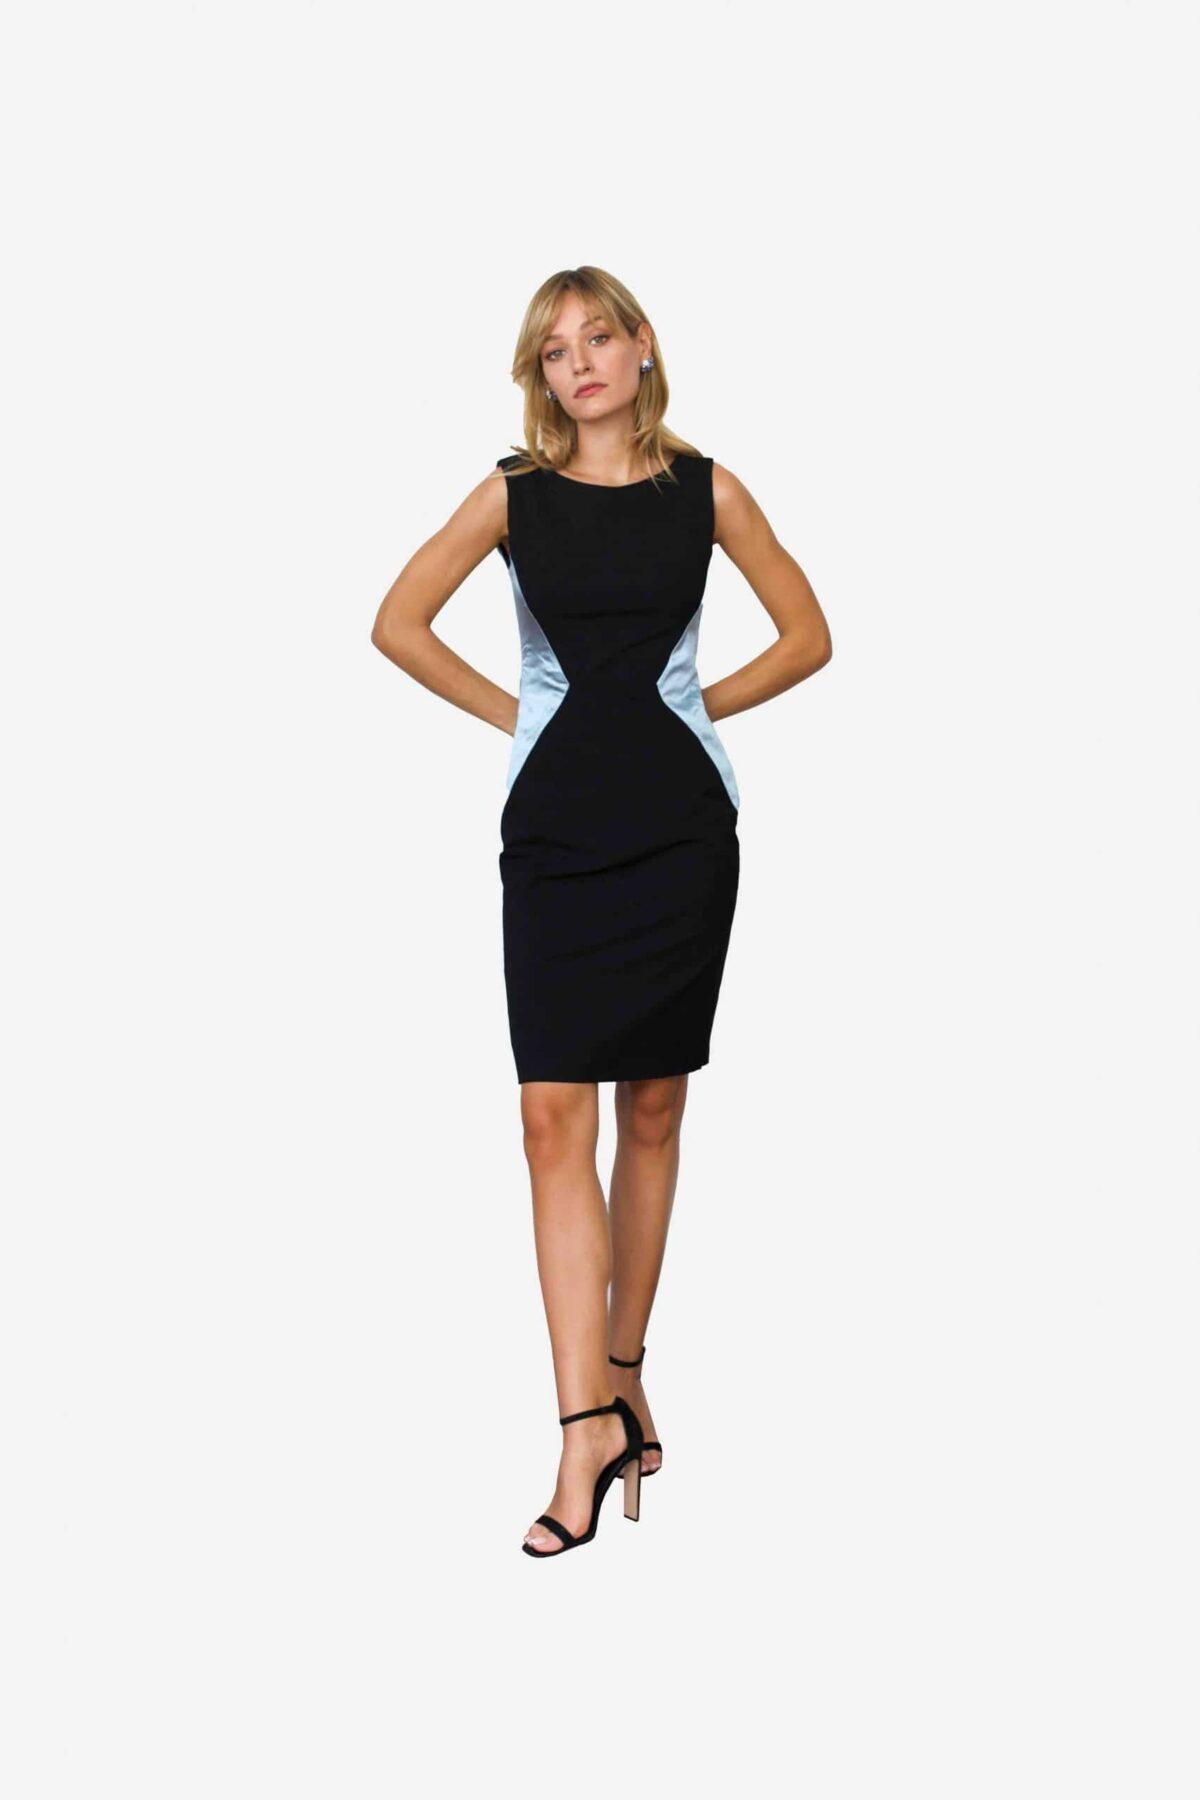 Kleid Xiaoping von SANOGE. Designermode Kleid made in Germany